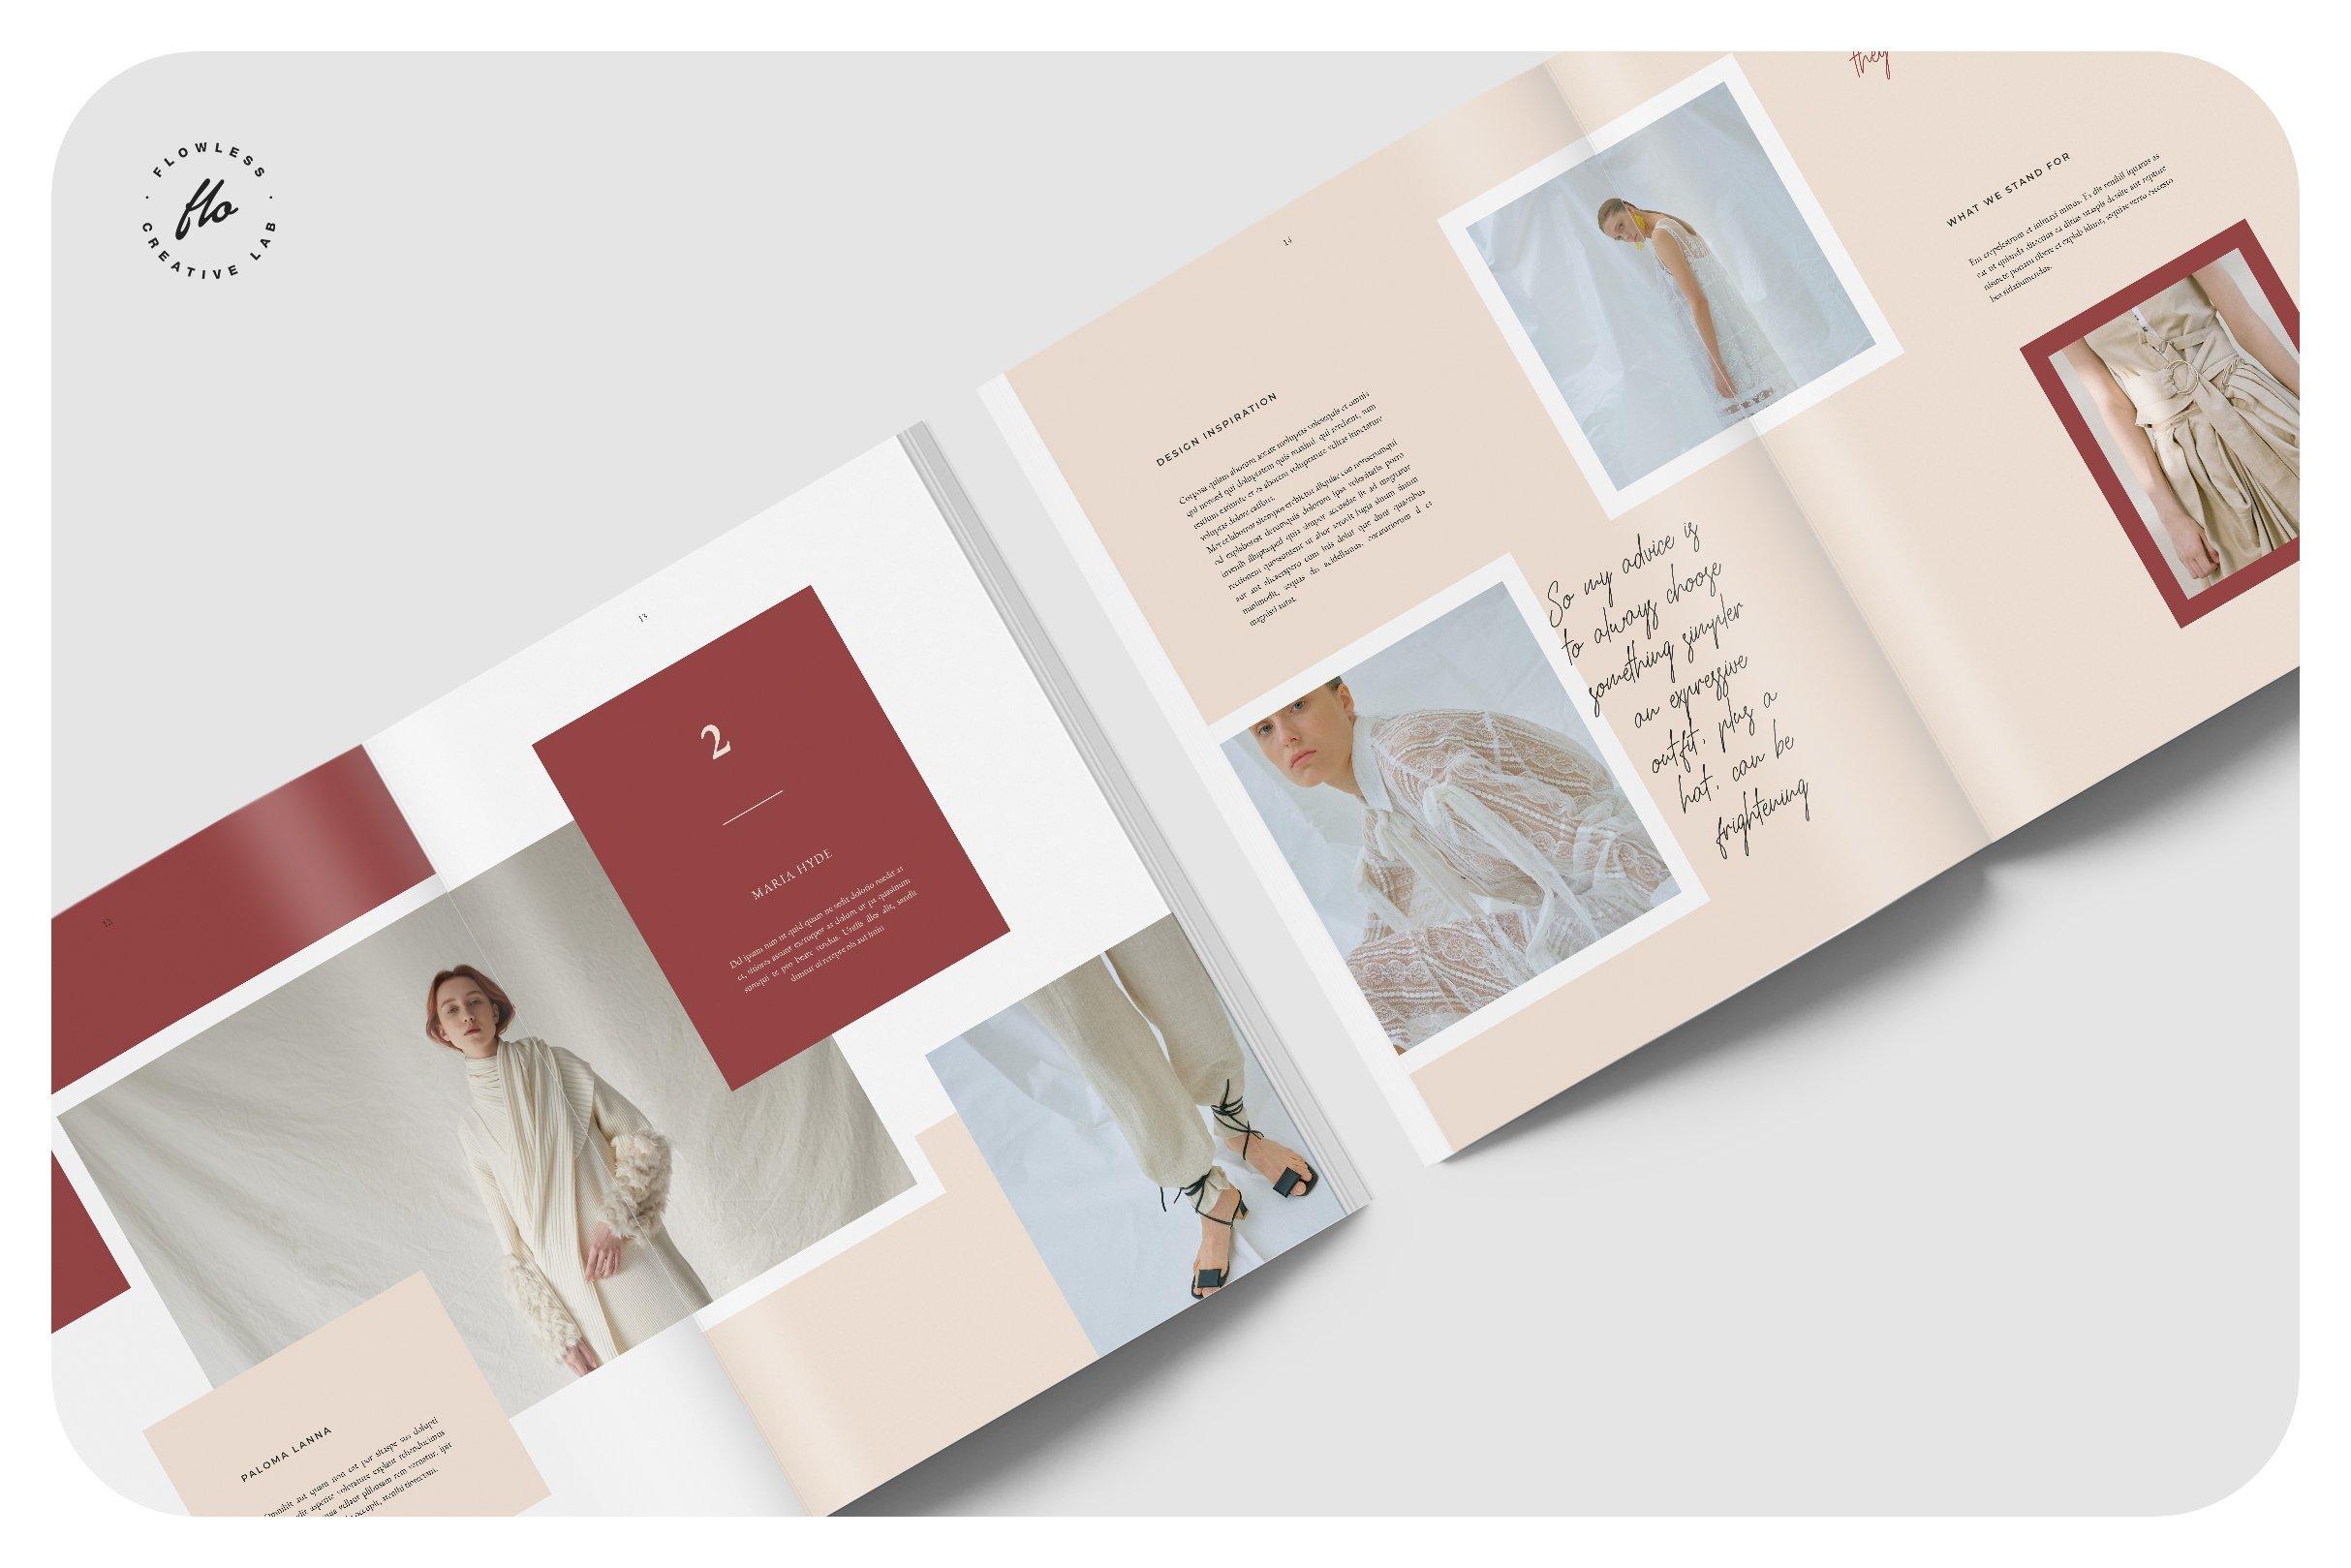 女性高端服装画册杂志模板SPRIN GOutfit Editorial Lookbook(1)